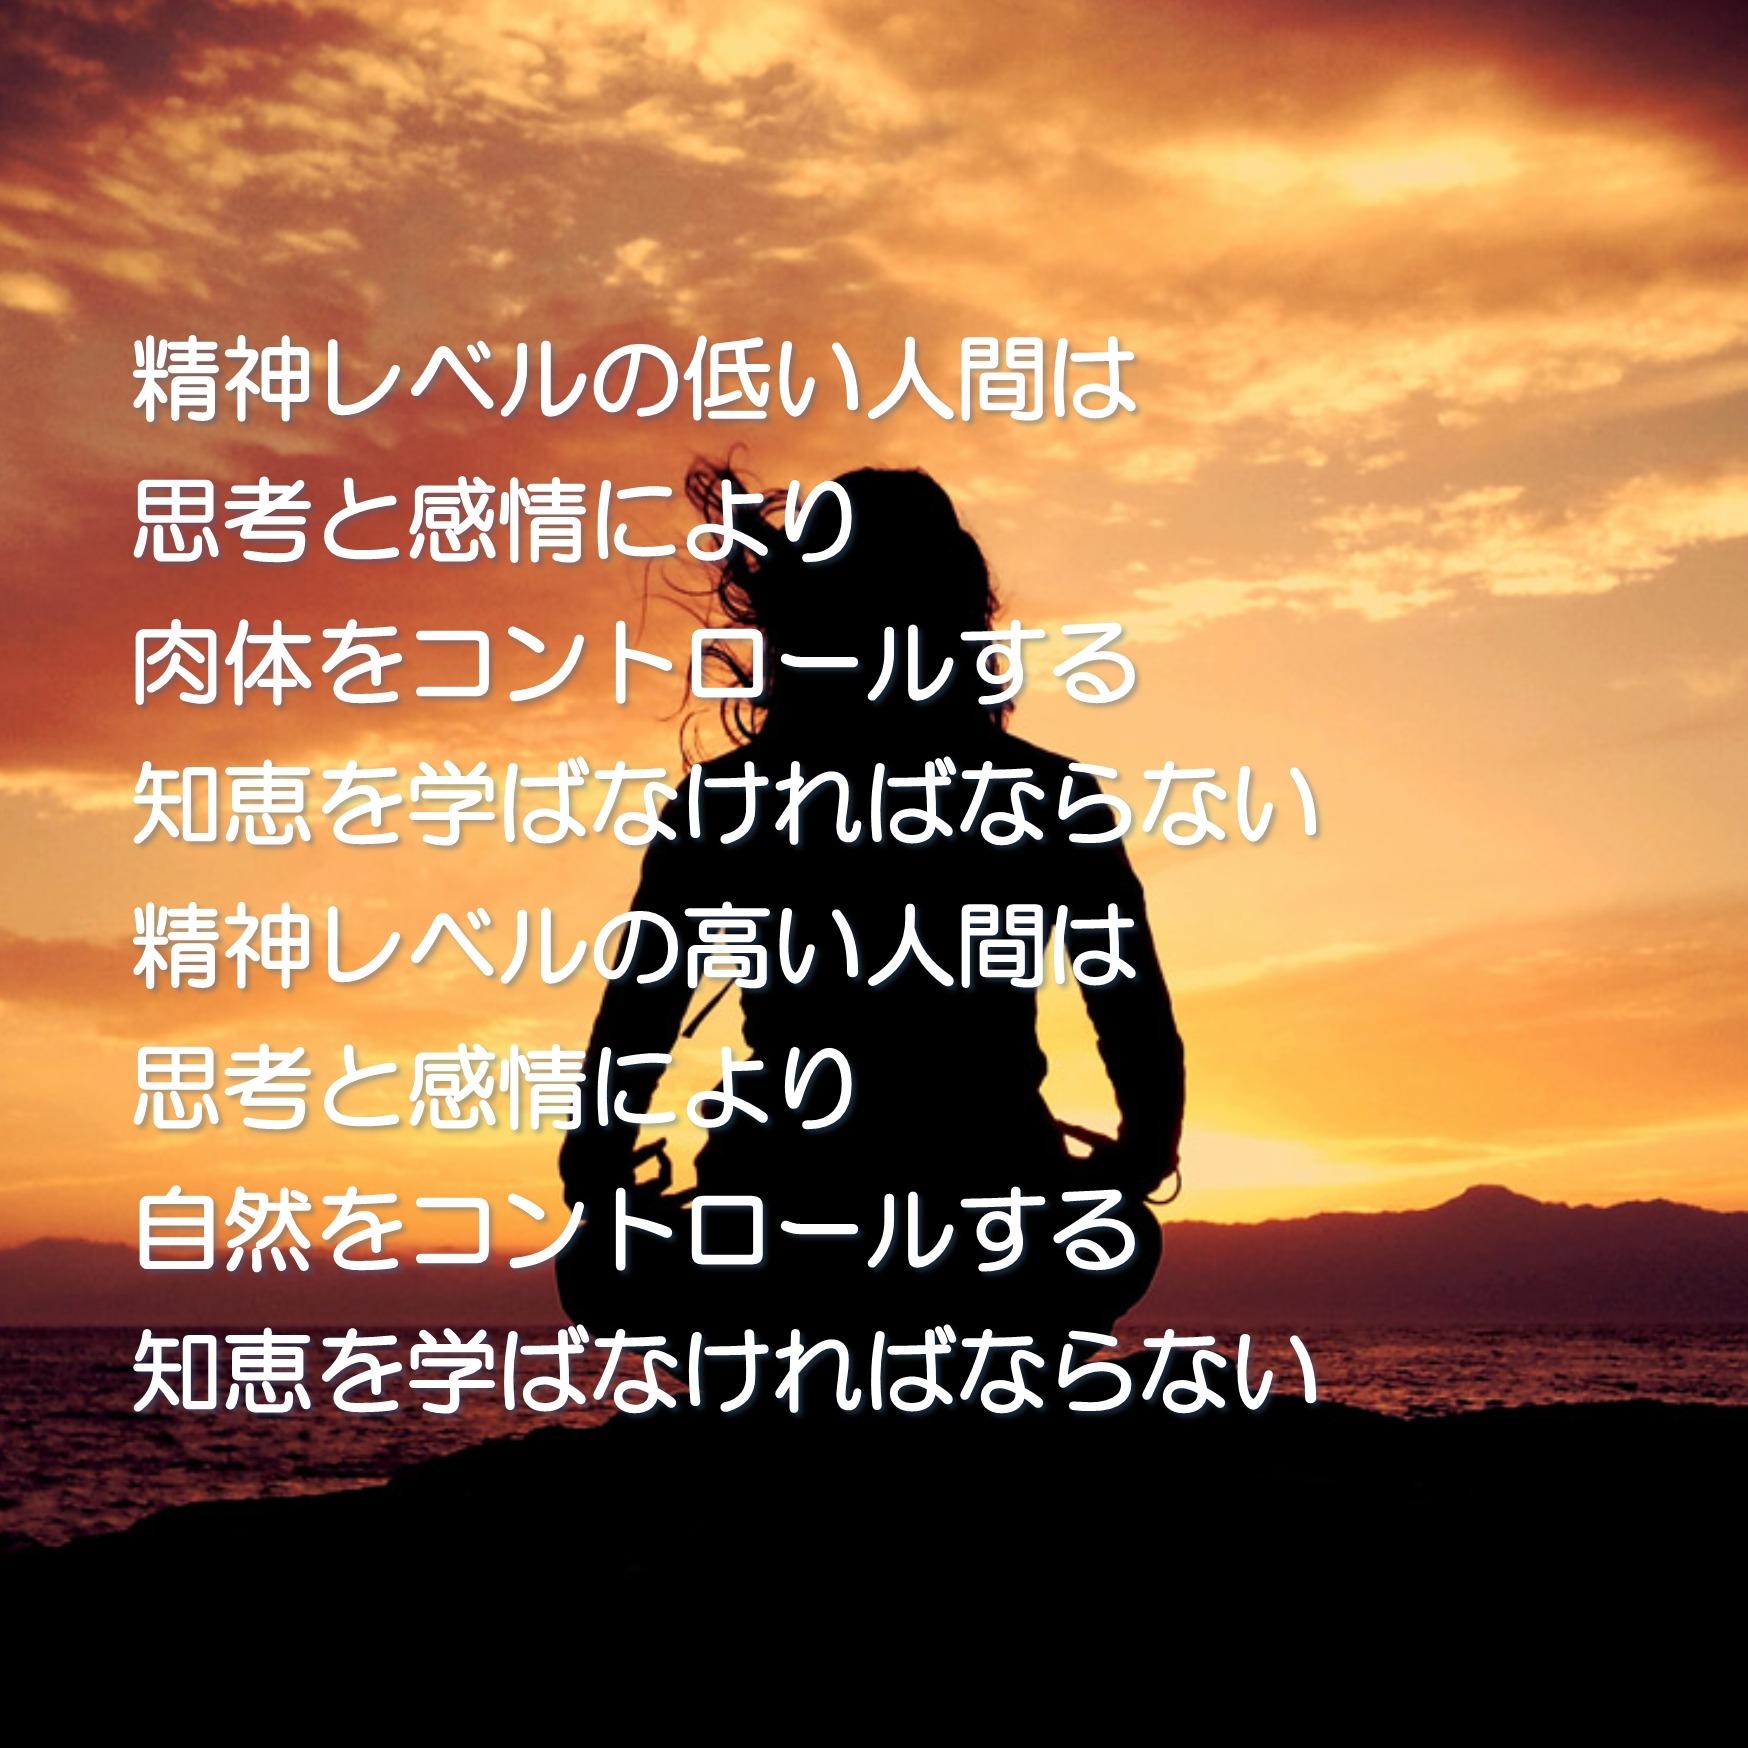 一言集No.8